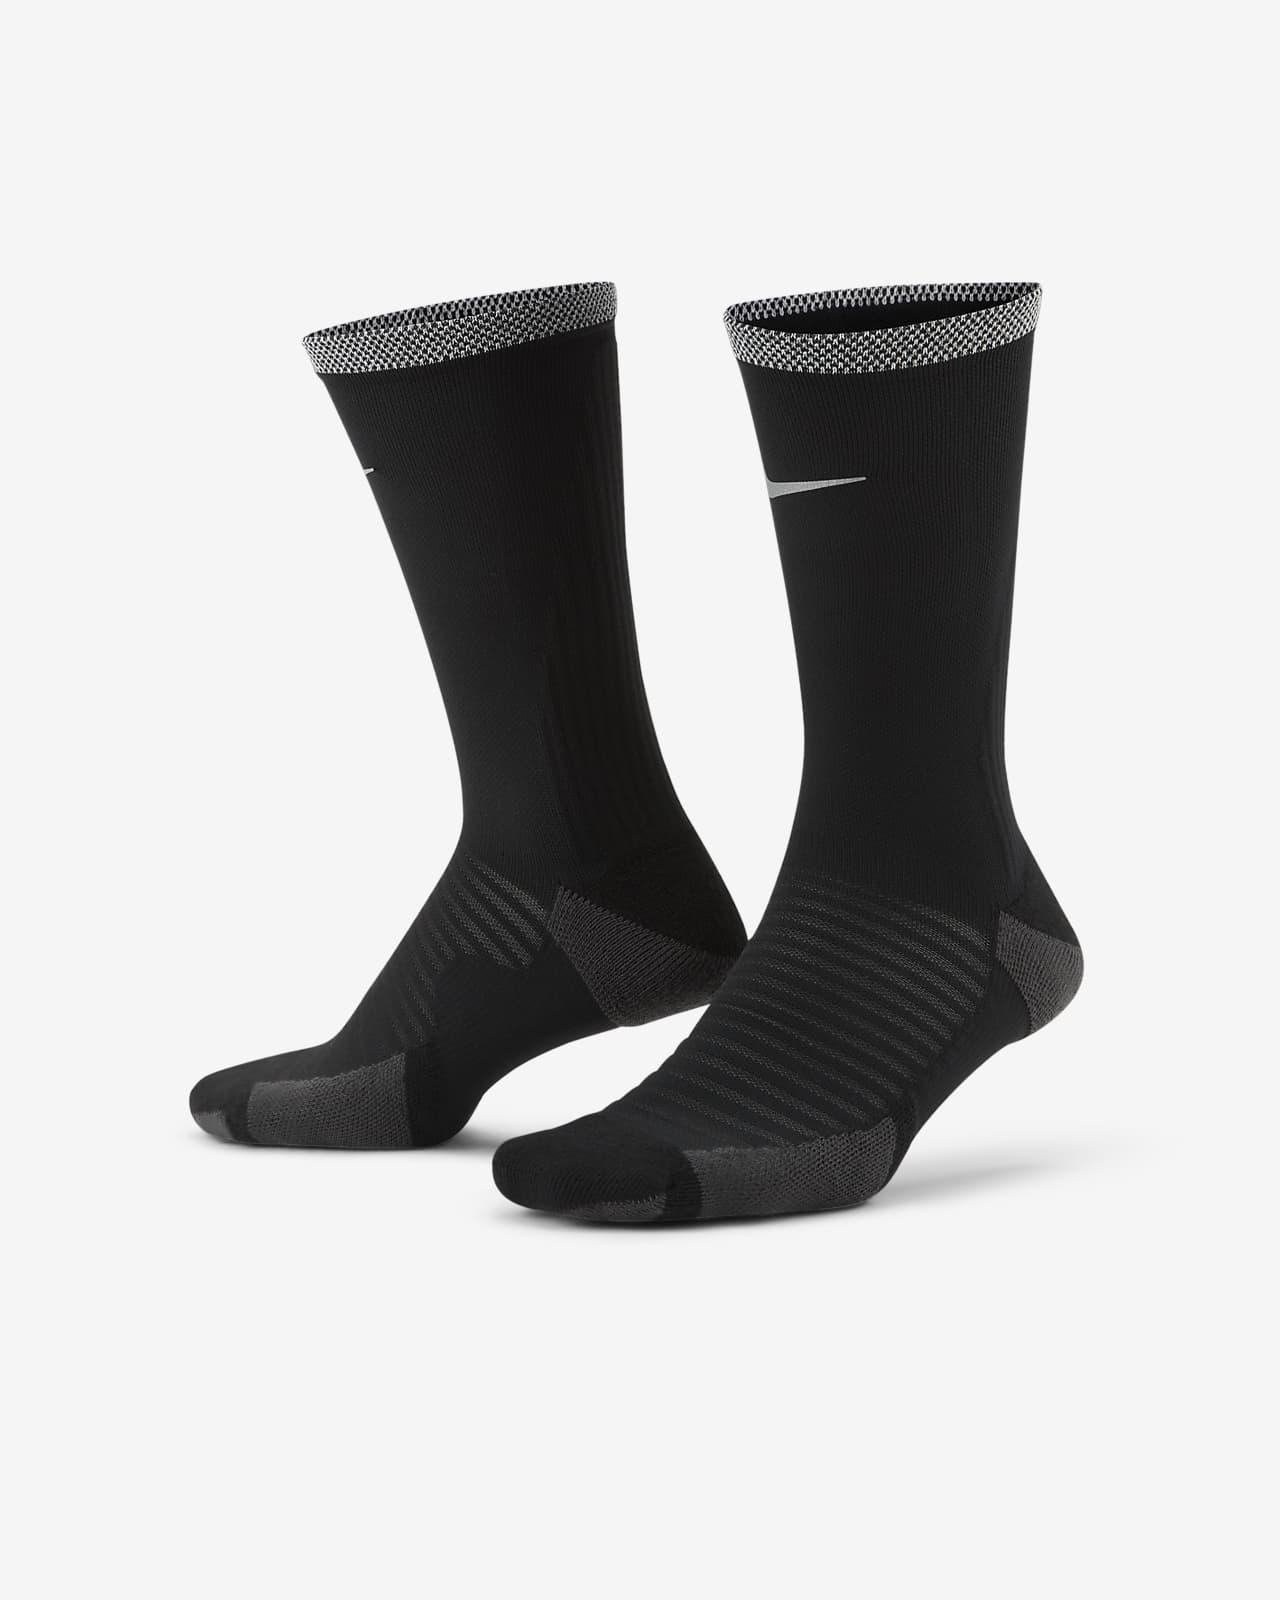 Středně vysoké běžecké ponožky stlumením Nike Spark